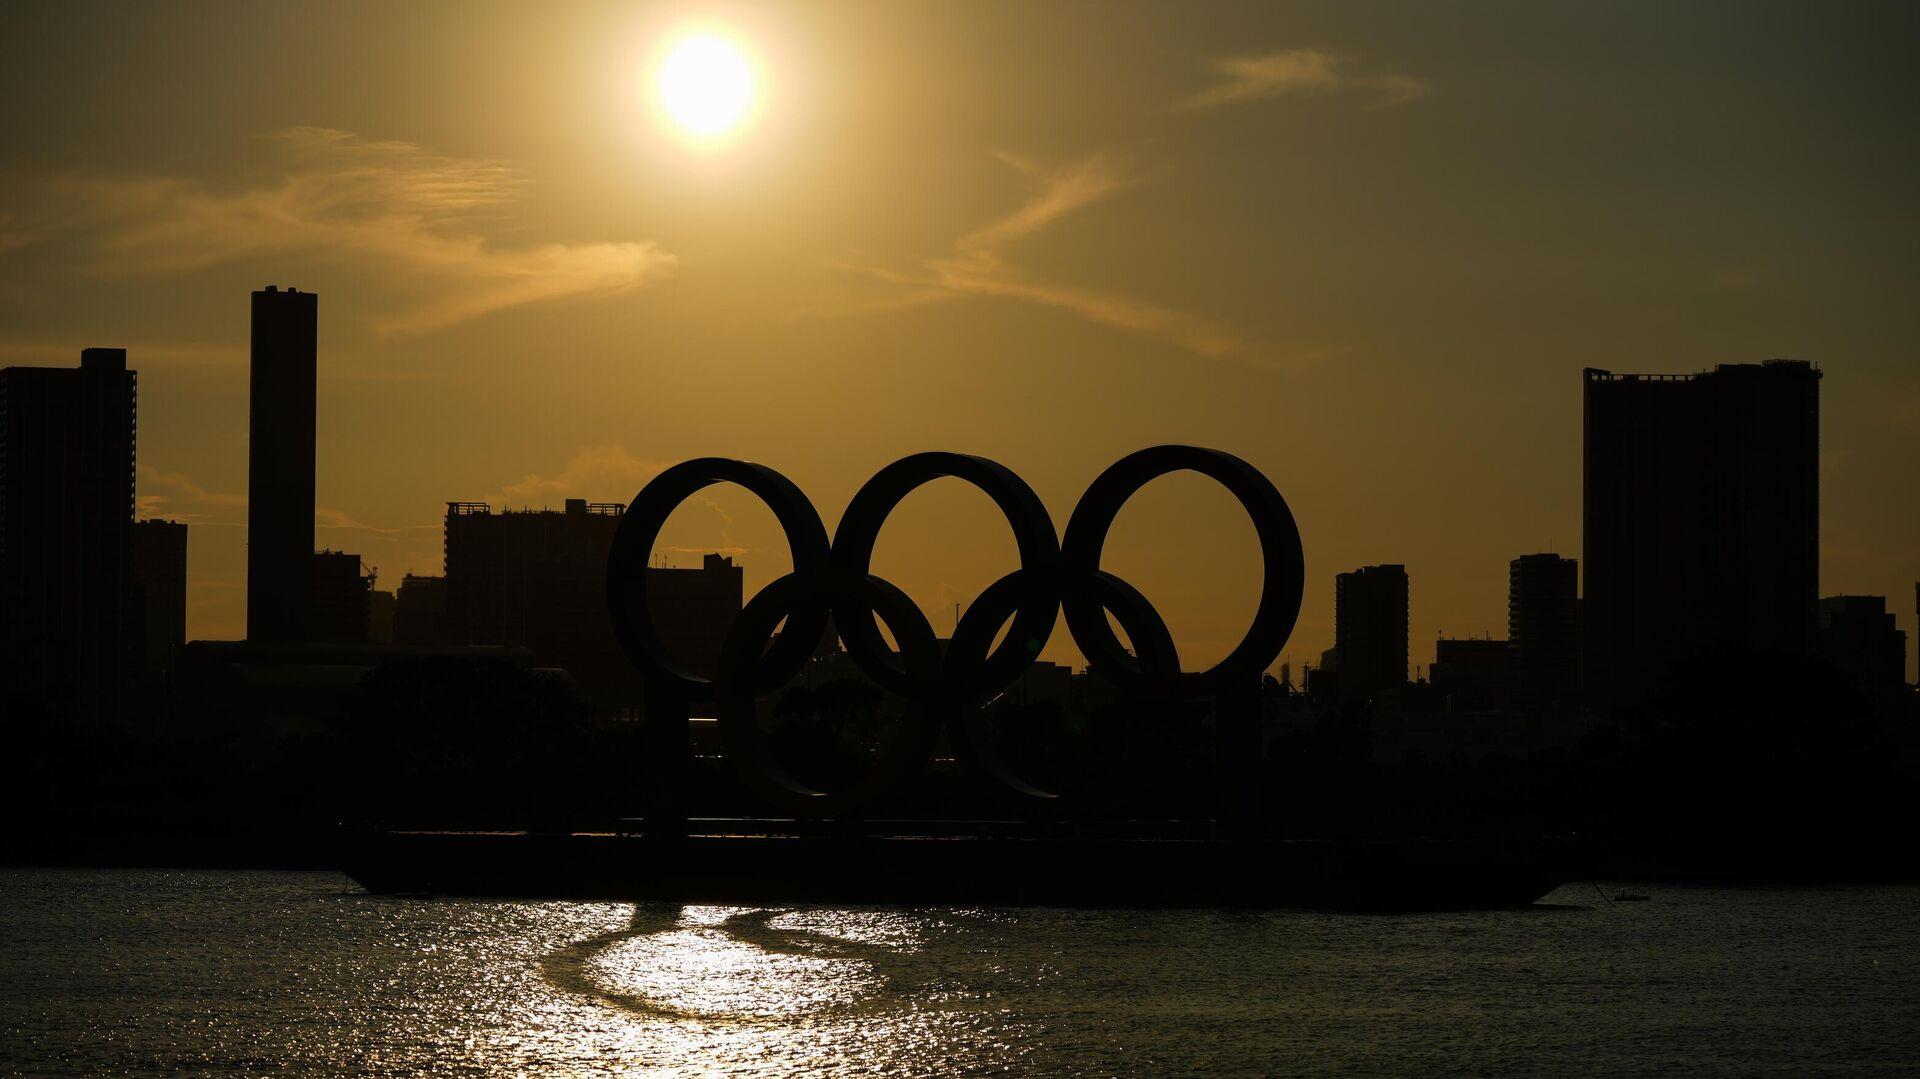 Символика Олимпийских игр в Токио - РИА Новости, 1920, 03.08.2021